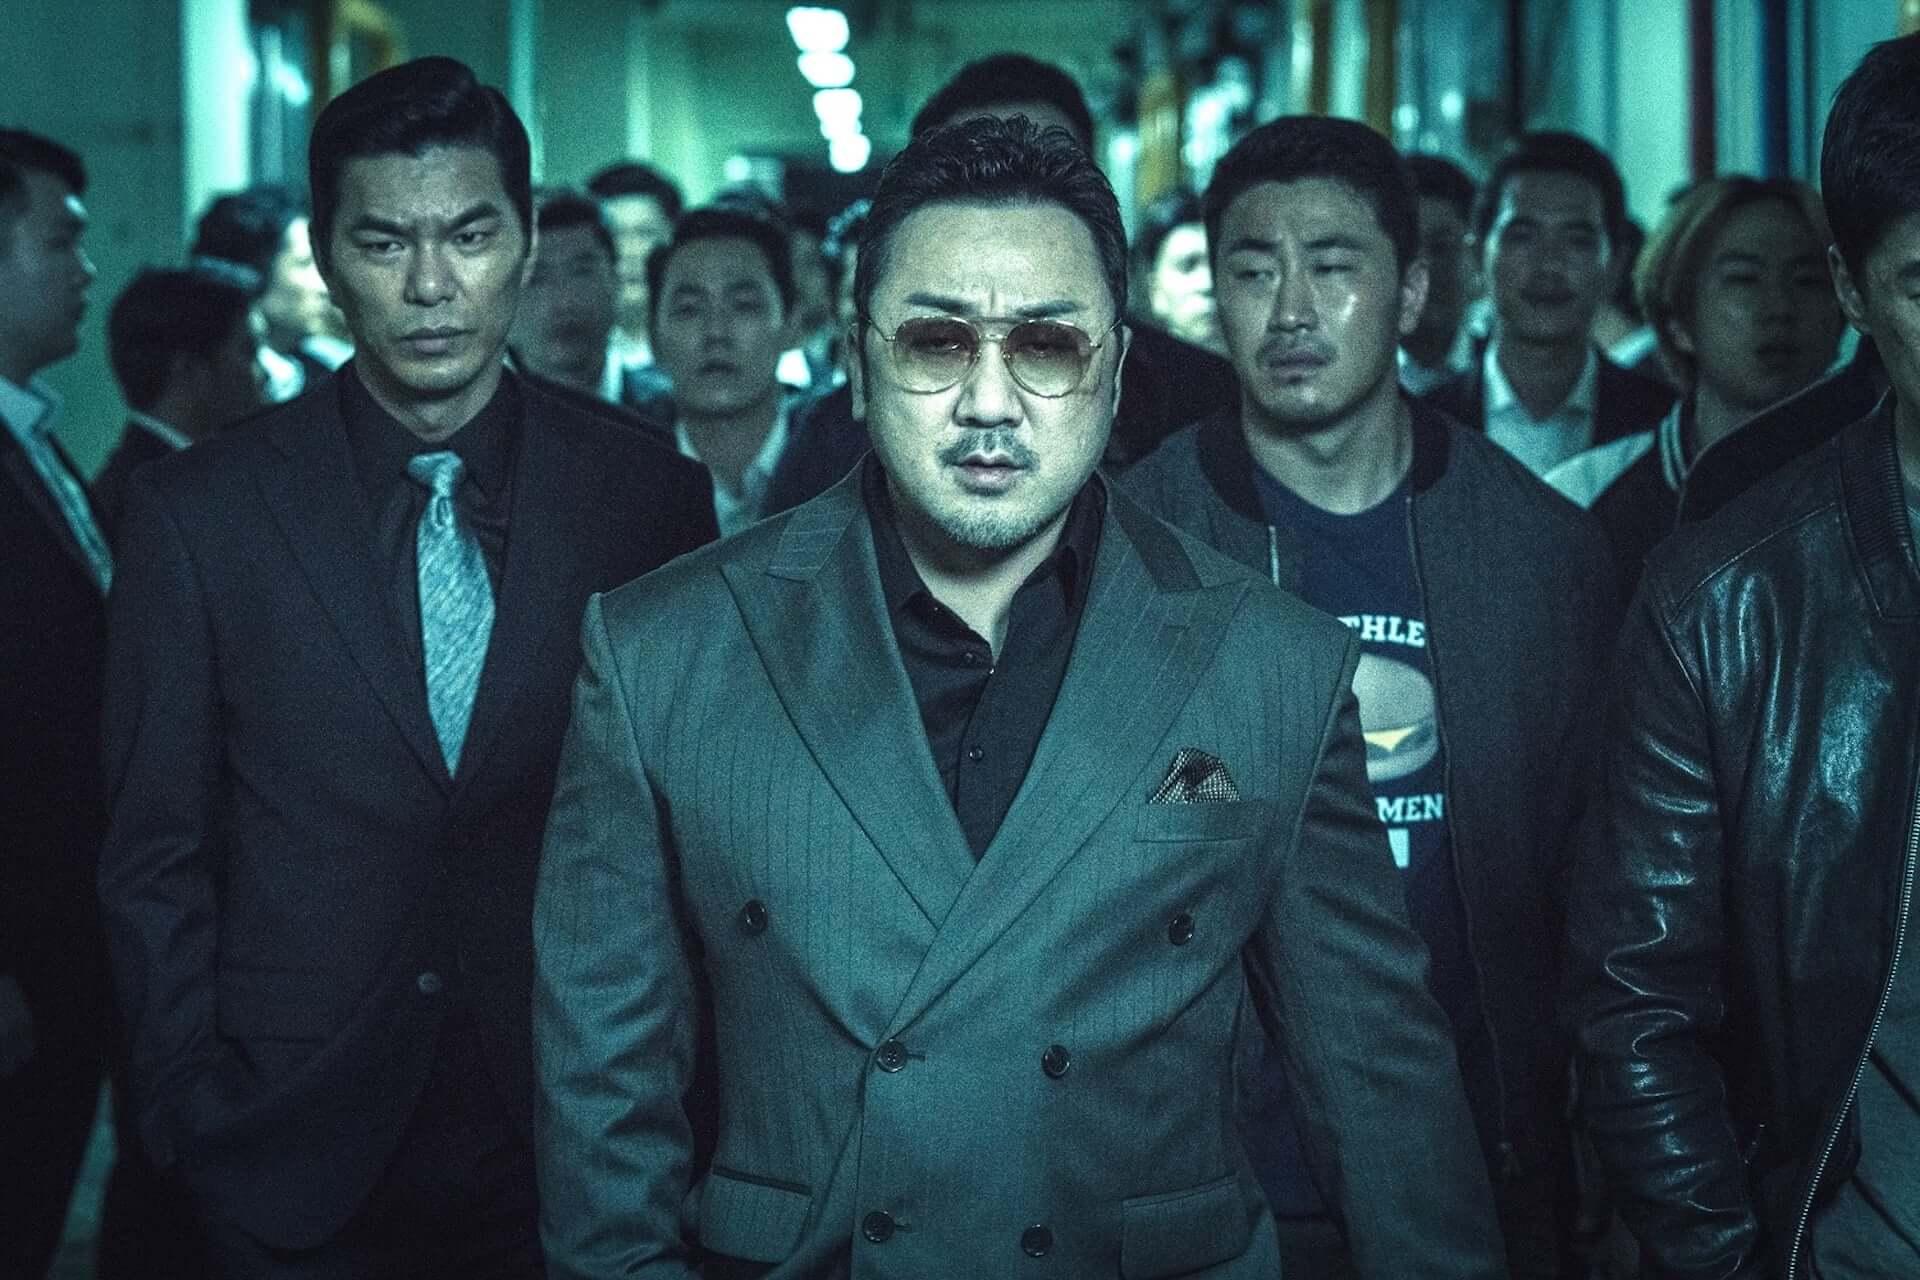 隣の席にマ・ドンソク現る!異例の大ヒットを遂げた韓国映画『悪人伝』のソーシャルディスタンスパネルが劇場に設置決定 film200619_akuninden_2-1920x1280